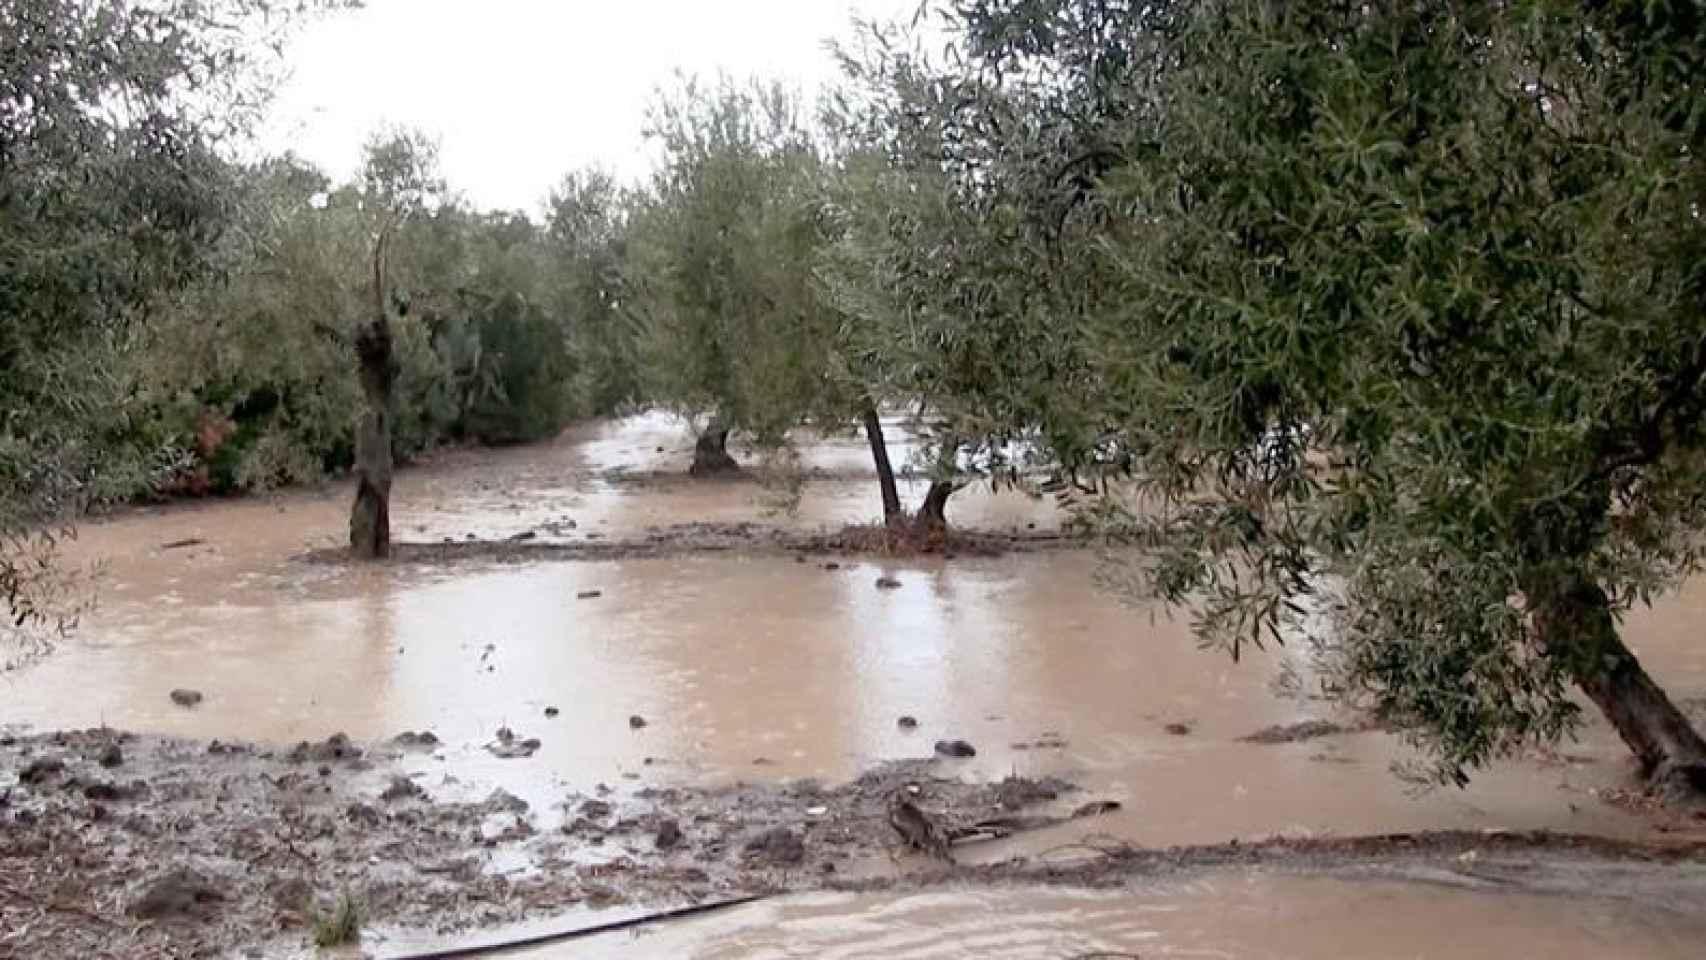 Vista de los campos en los alrededores de Arahal, anegados por la intensa lluvia caída en la provincia de Sevilla.